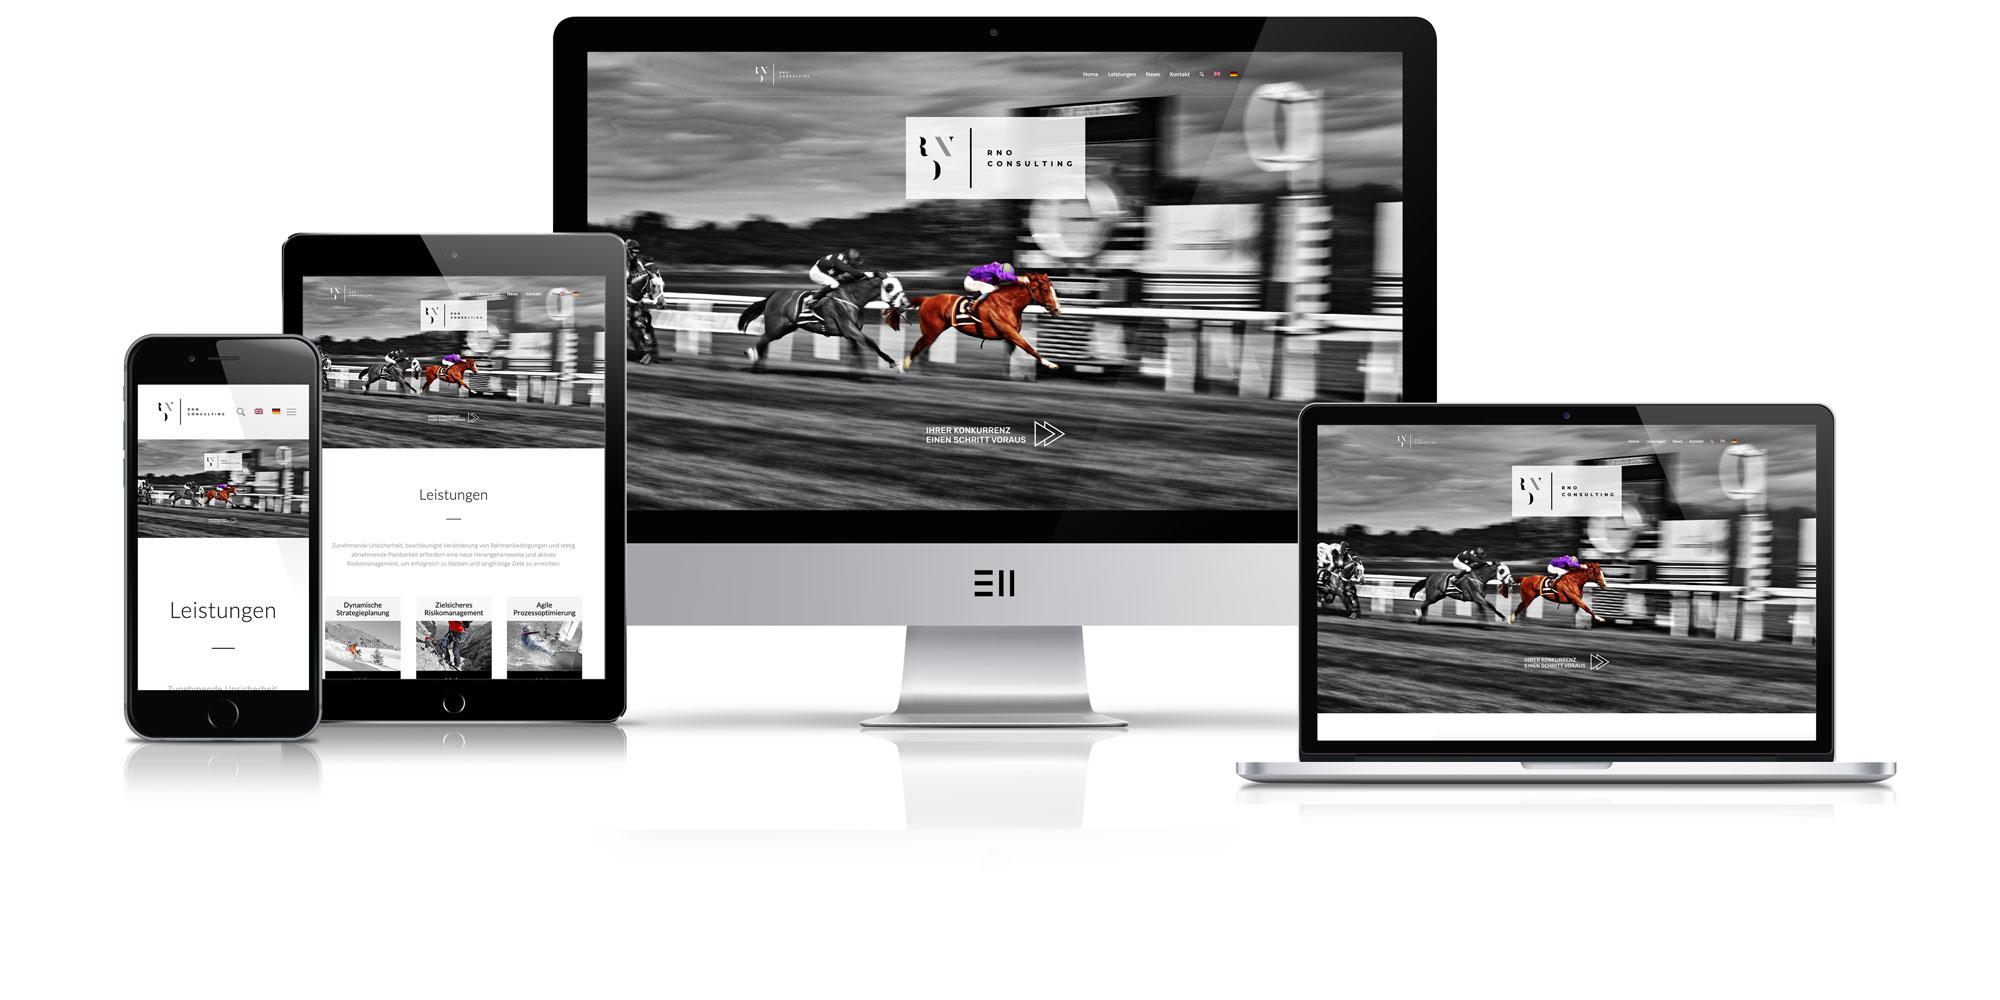 Bild zur Veranschaulichung responsiven Webdesigns RNO Consulting